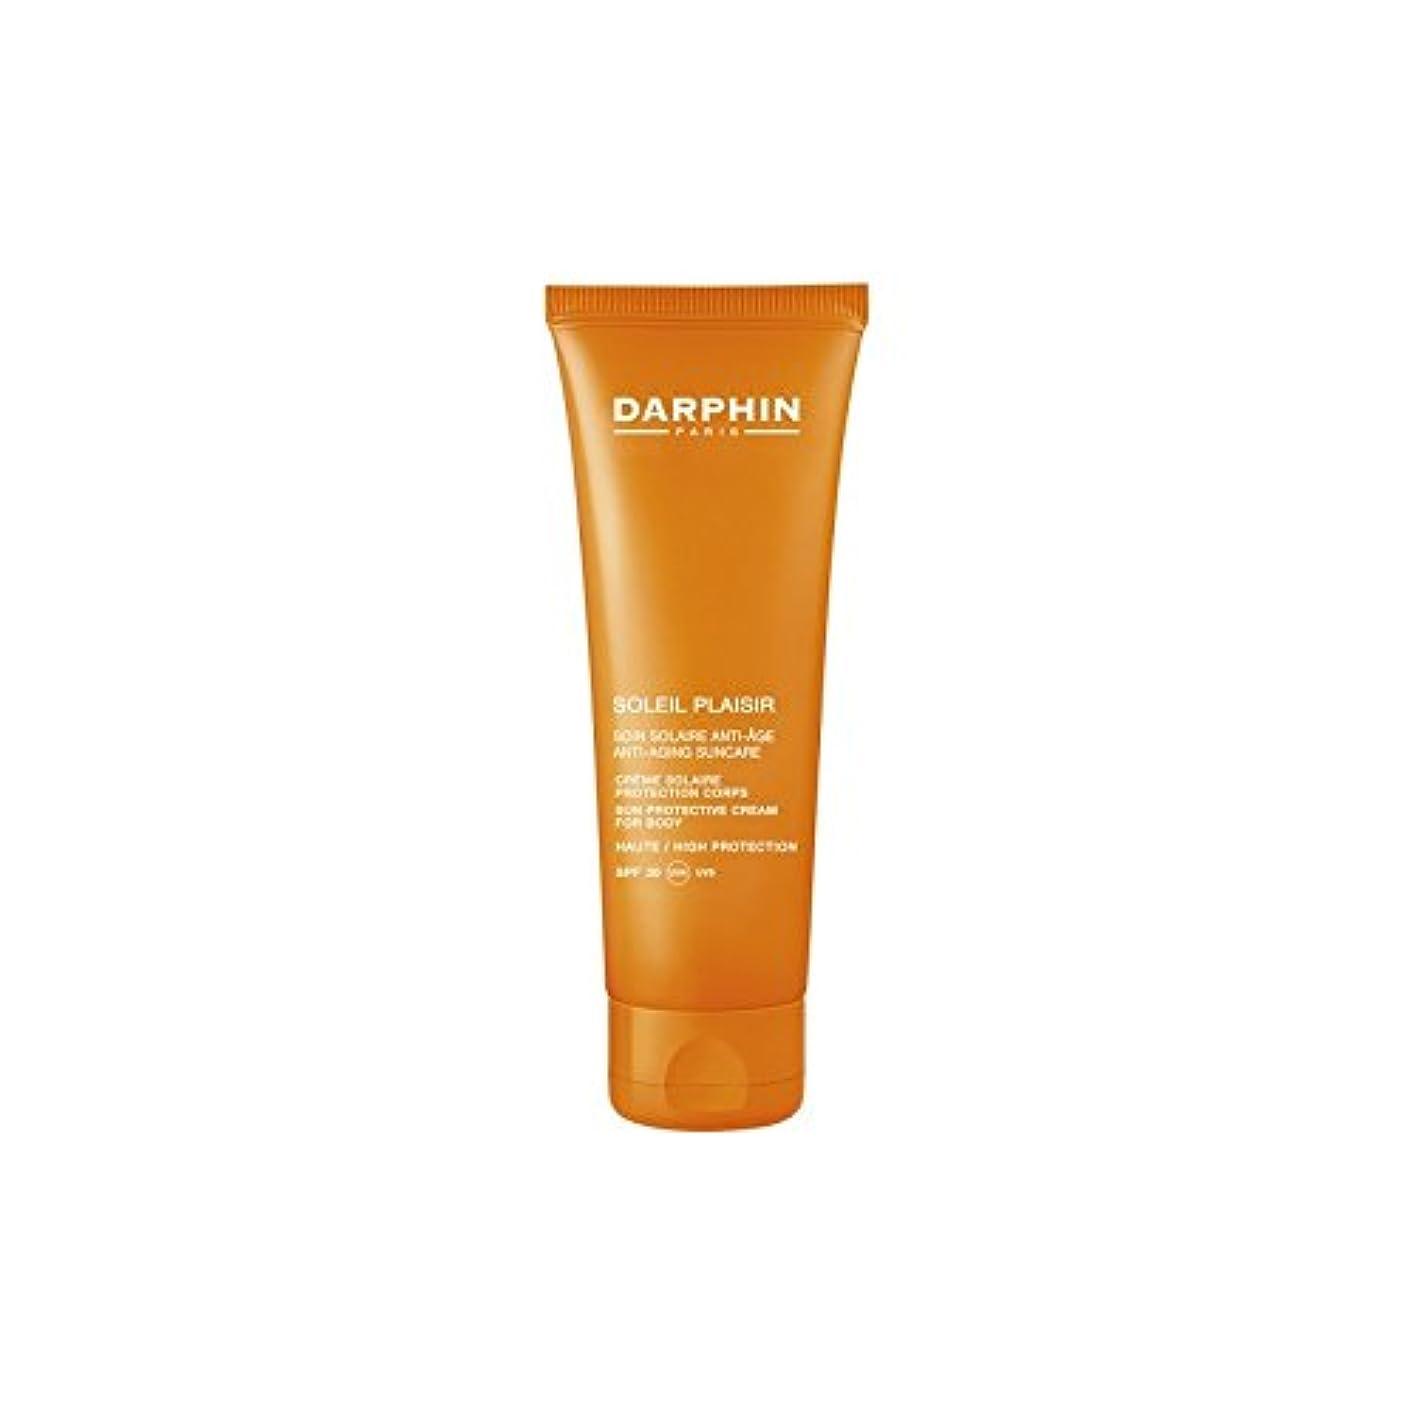 治世愛国的な印象的なダルファンソレイユプレジールボディクリーム x2 - Darphin Soleil Plaisir Body Cream (Pack of 2) [並行輸入品]